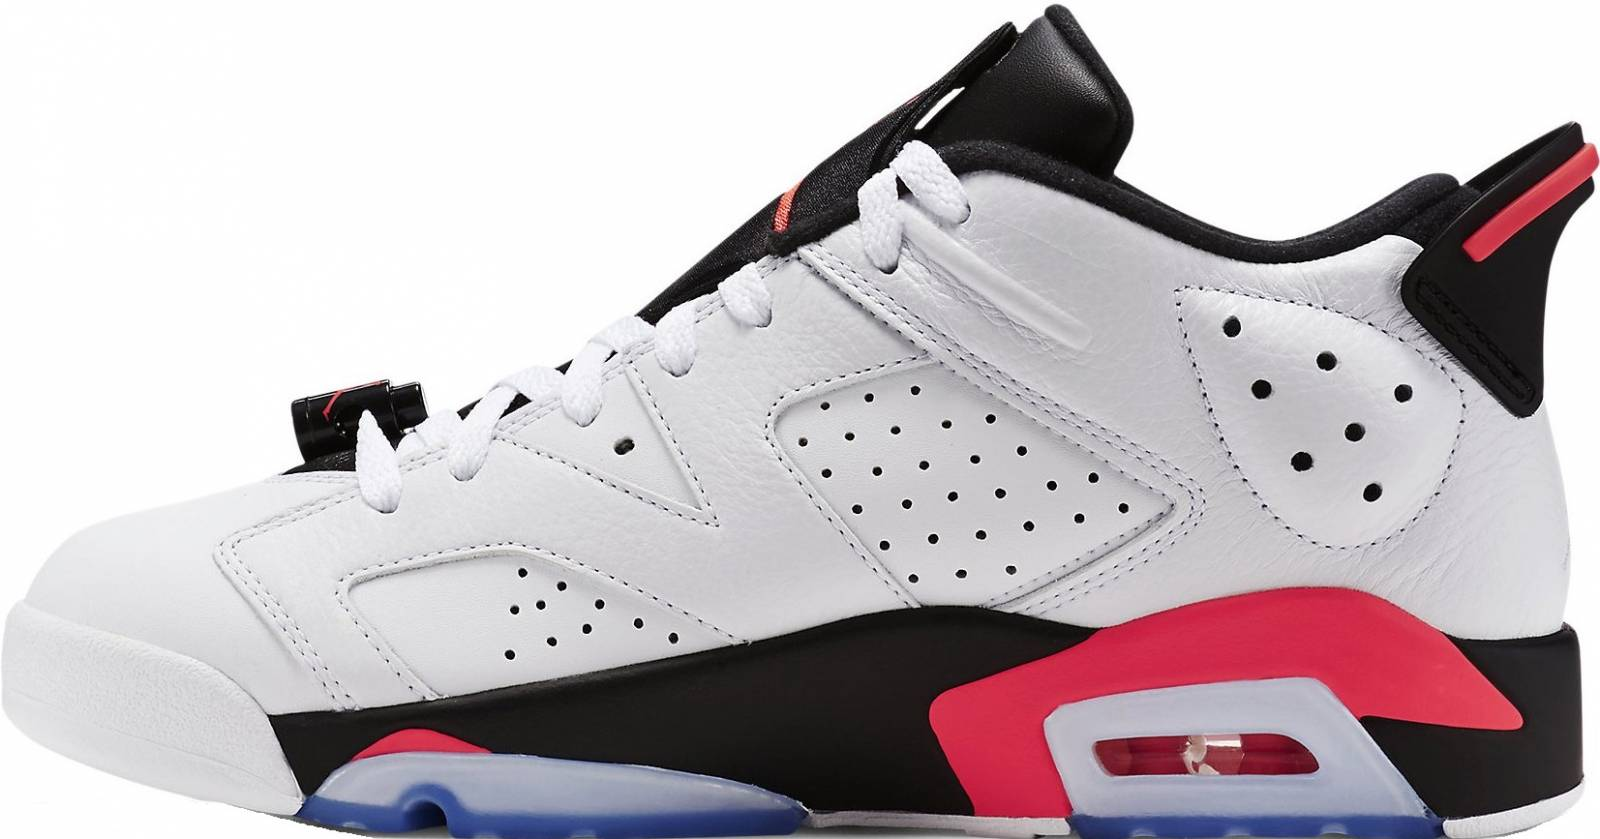 Air Jordan 6 Retro Low